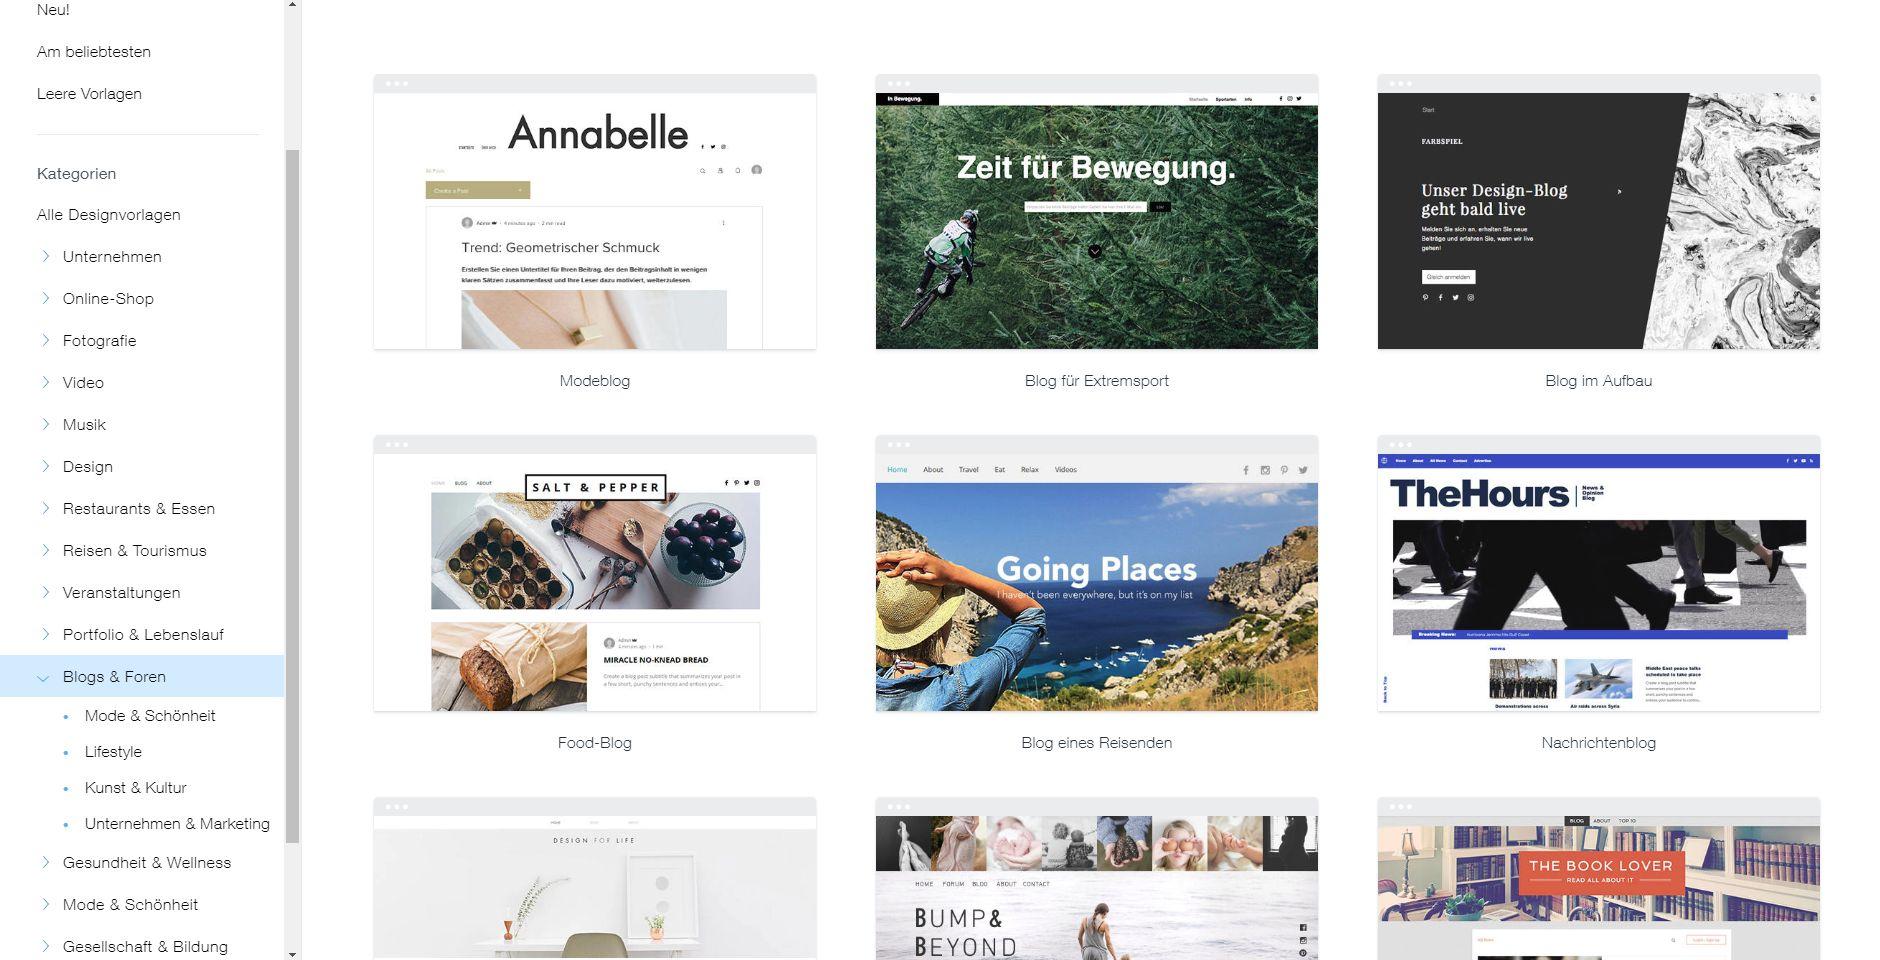 Kostenlose Website erstellen mit Wix -Schritt 3: Design wählen